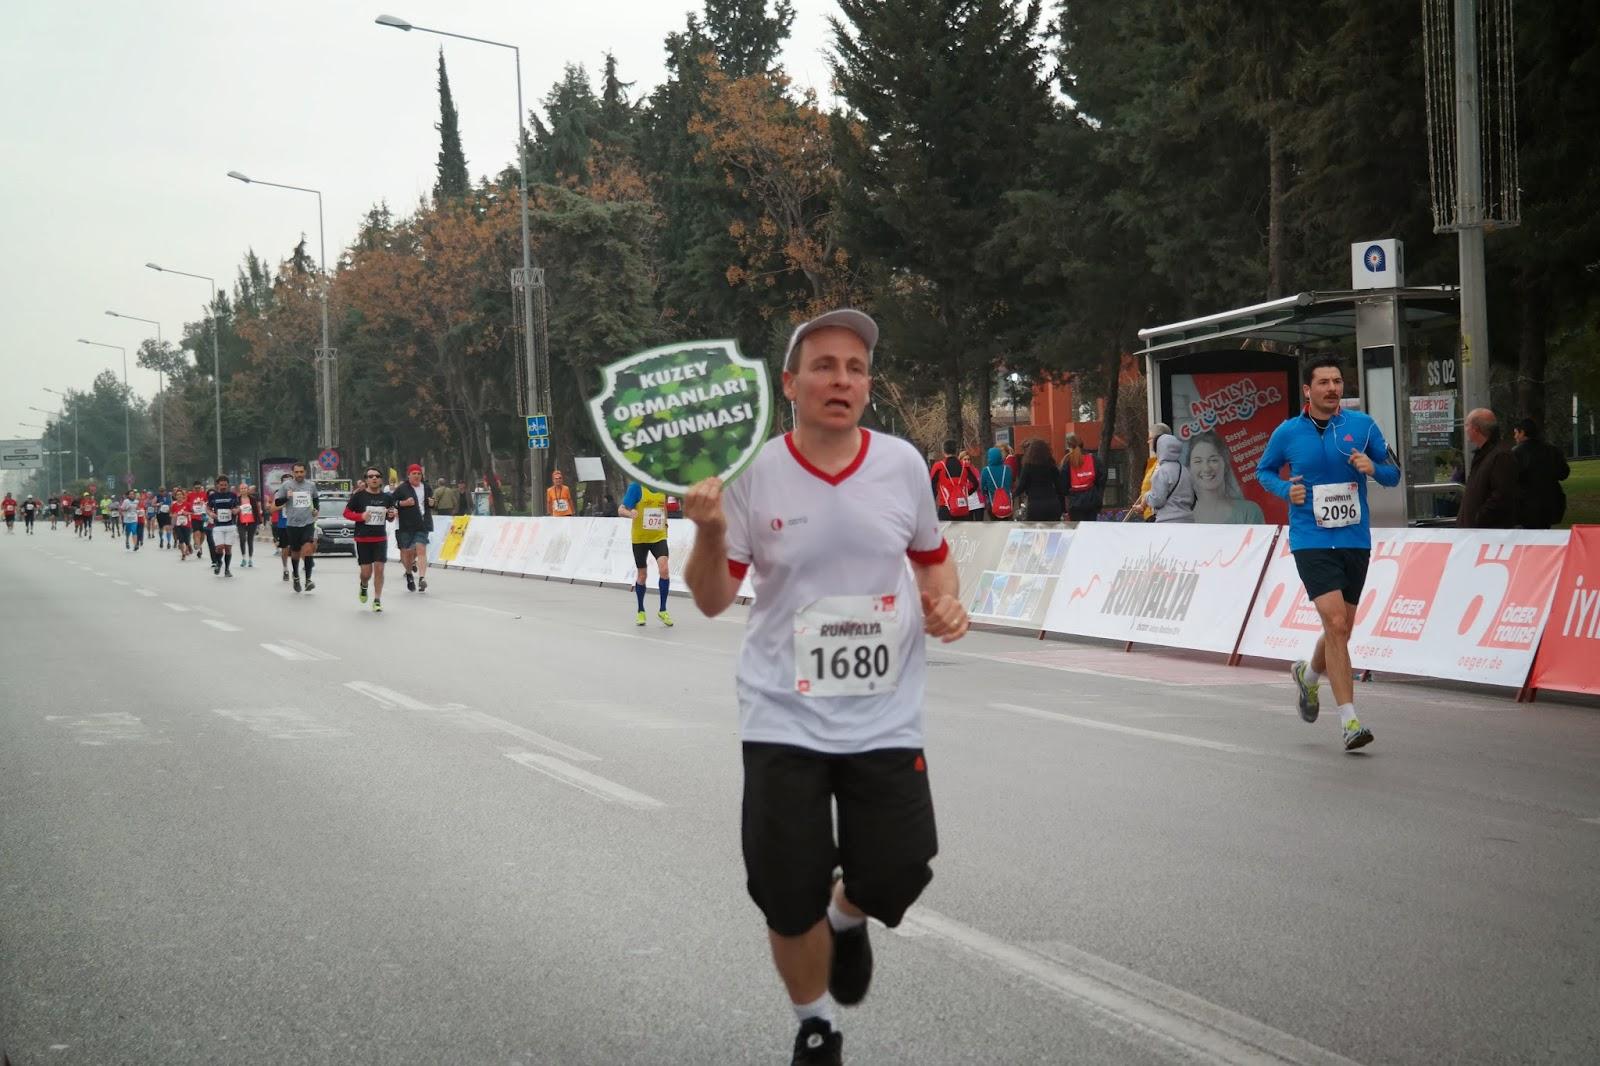 Kuzey Ormanları Savunması 9. Uluslararası Runtalya Maratonu'ndaydı